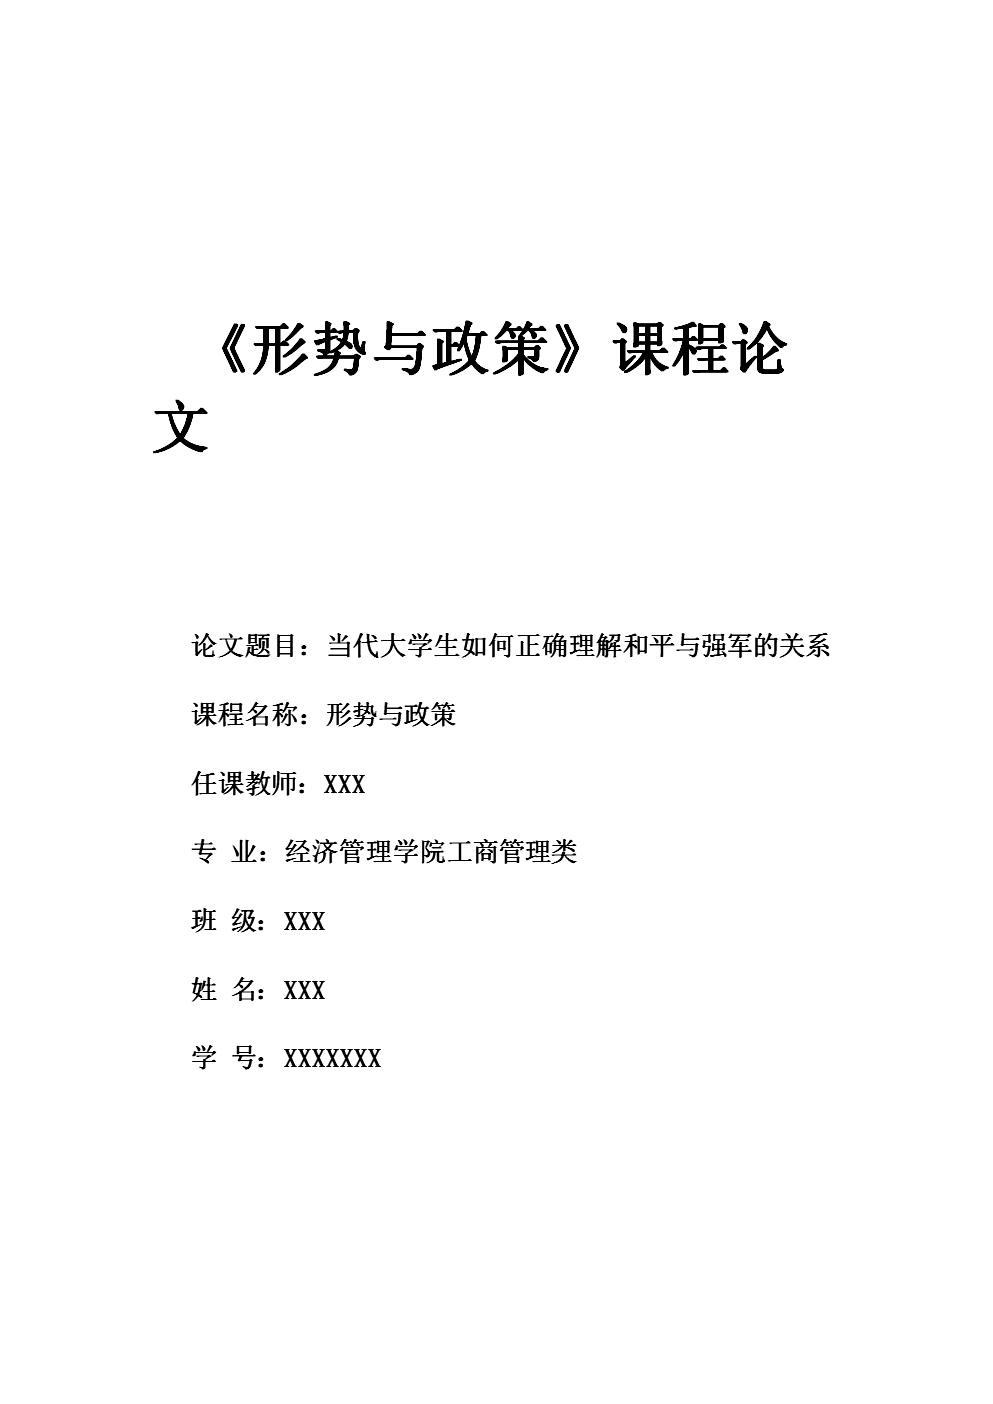 形势与政策课程毕业设计论文.doc